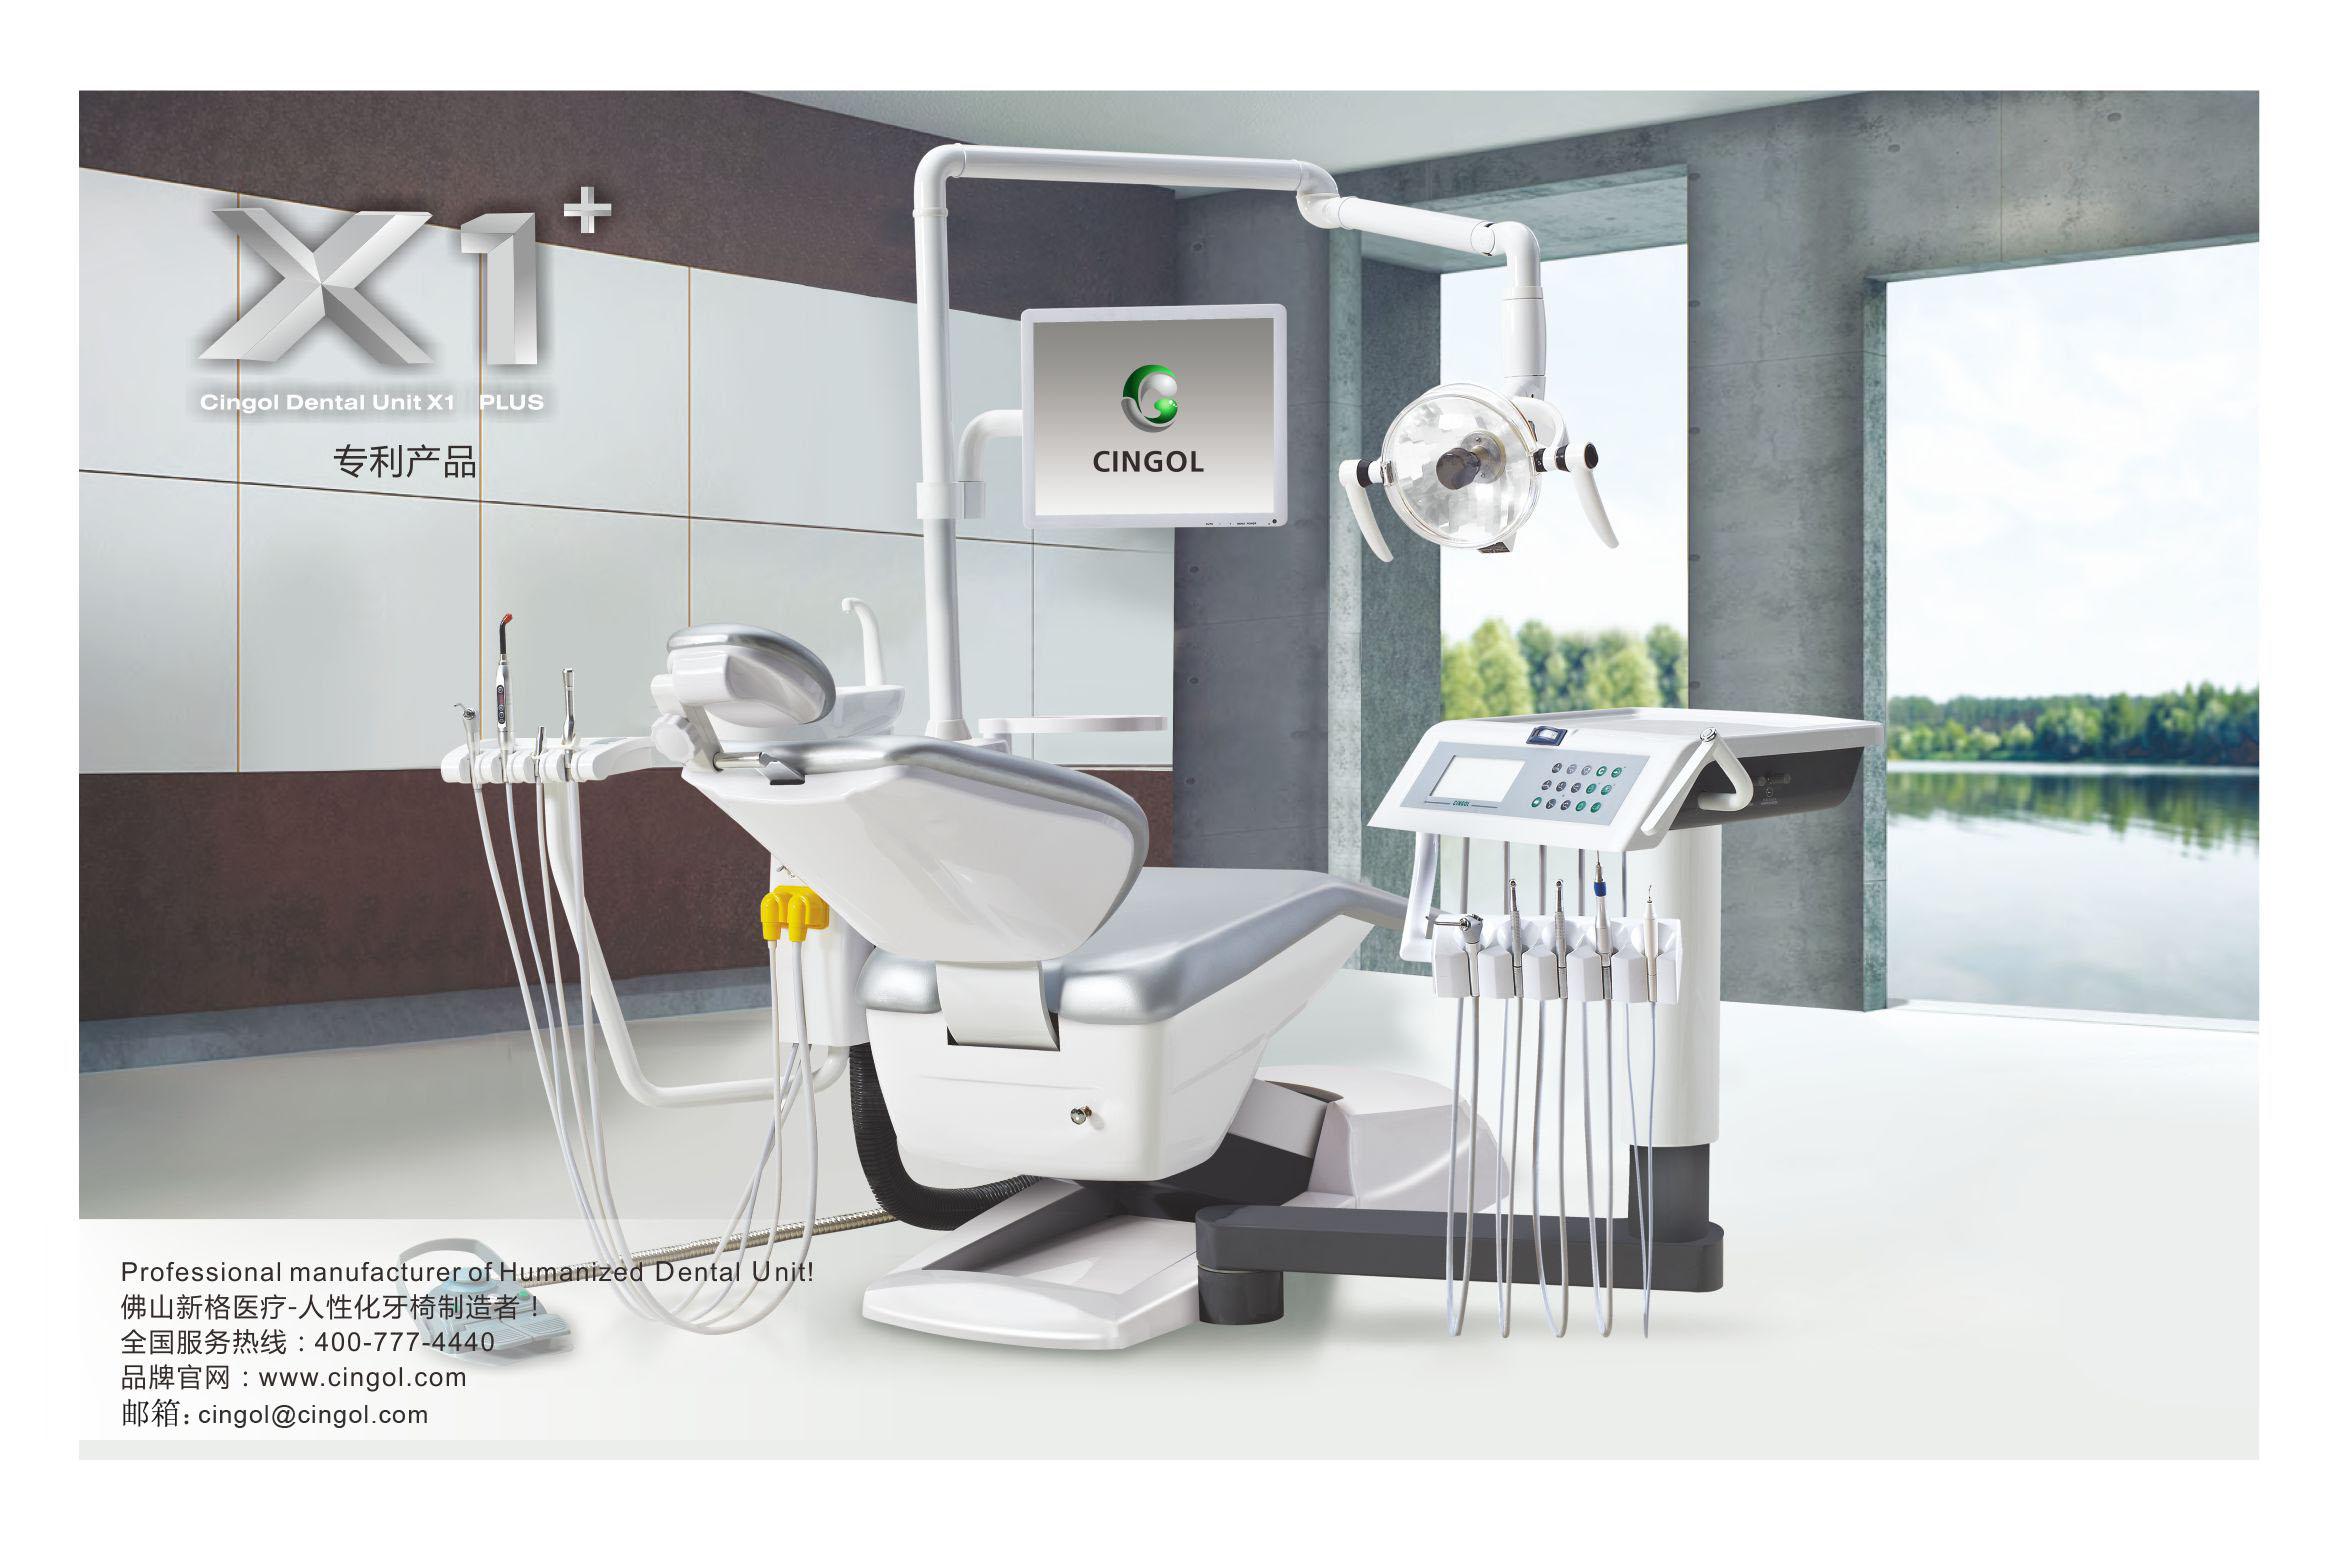 供应广州新格口腔综合治疗椅X1+、新格医疗牙科综合治疗台、牙科综合治疗仪广东厂家、佛山牙椅、广东牙椅